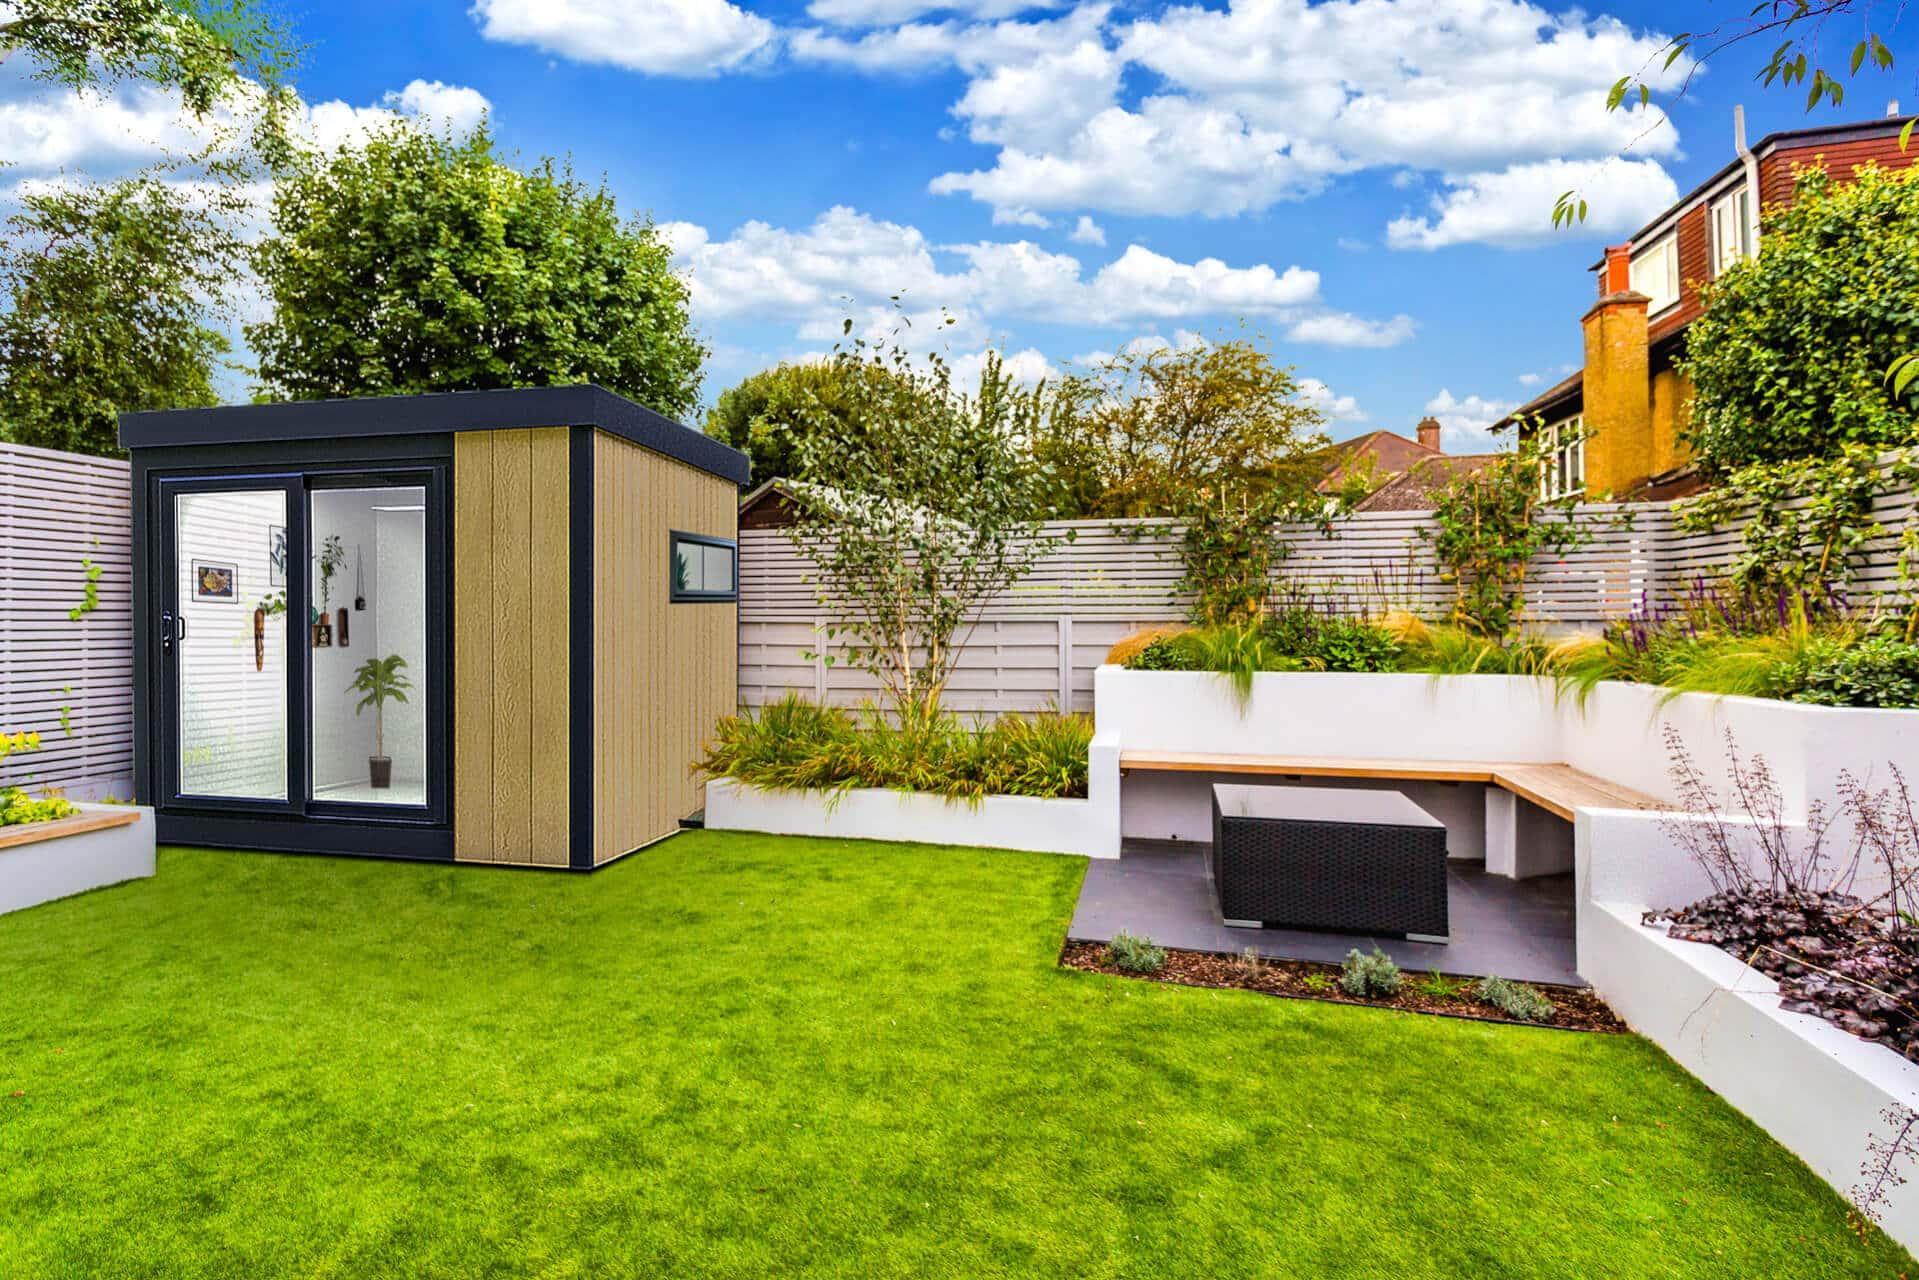 garden pod in modern garden